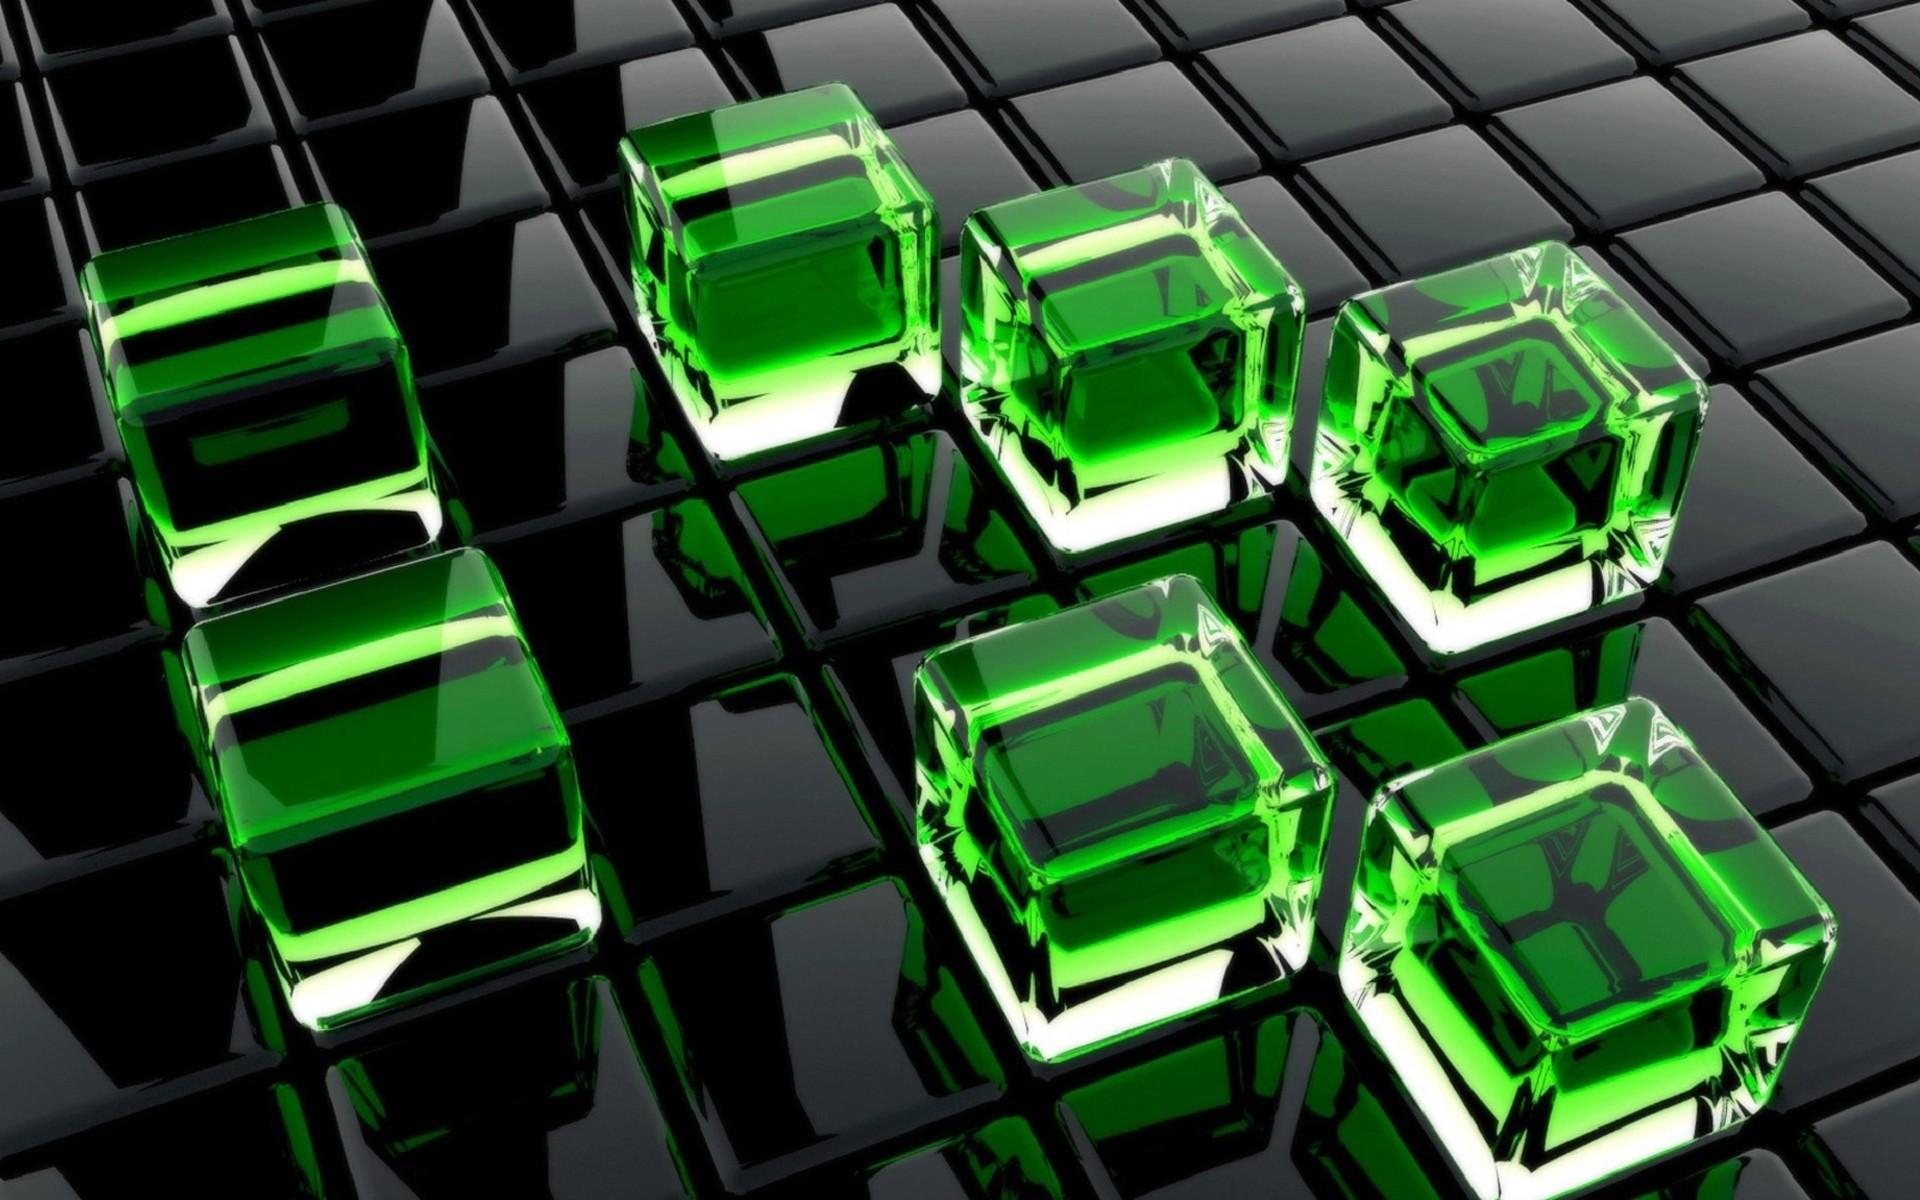 3D Full Wallpapers | 3d-cube-wallpapers-hd |HD Wallpapers Fan |